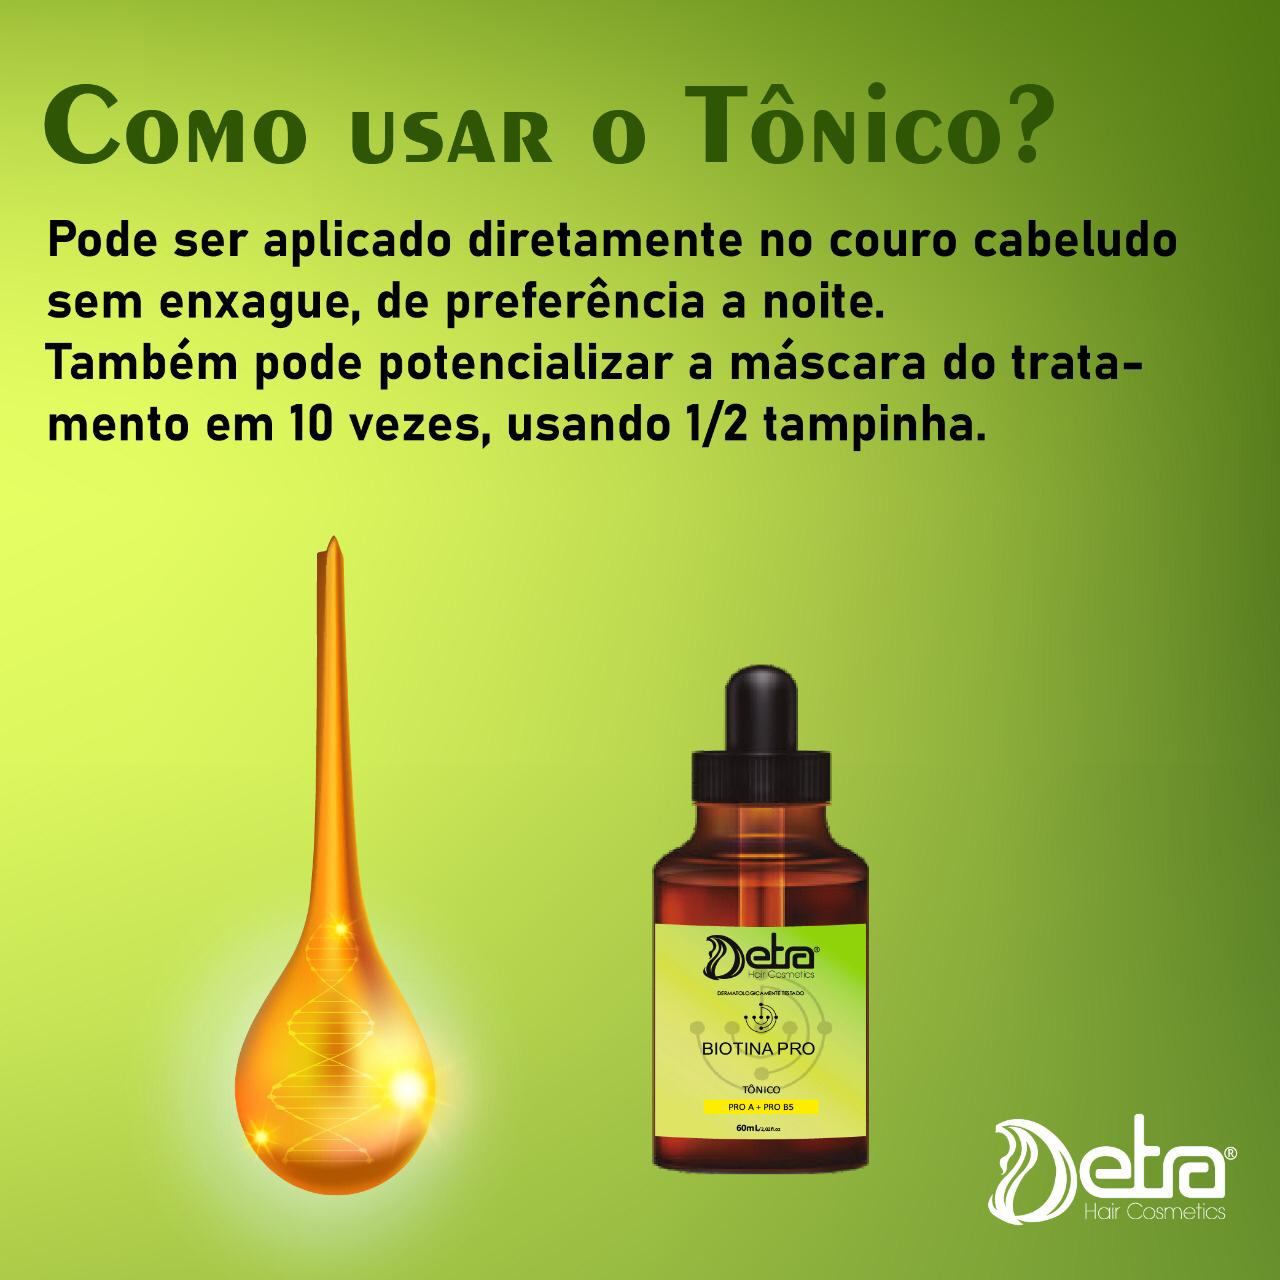 Detra Hair Cosmeticos kit Biotina Pro